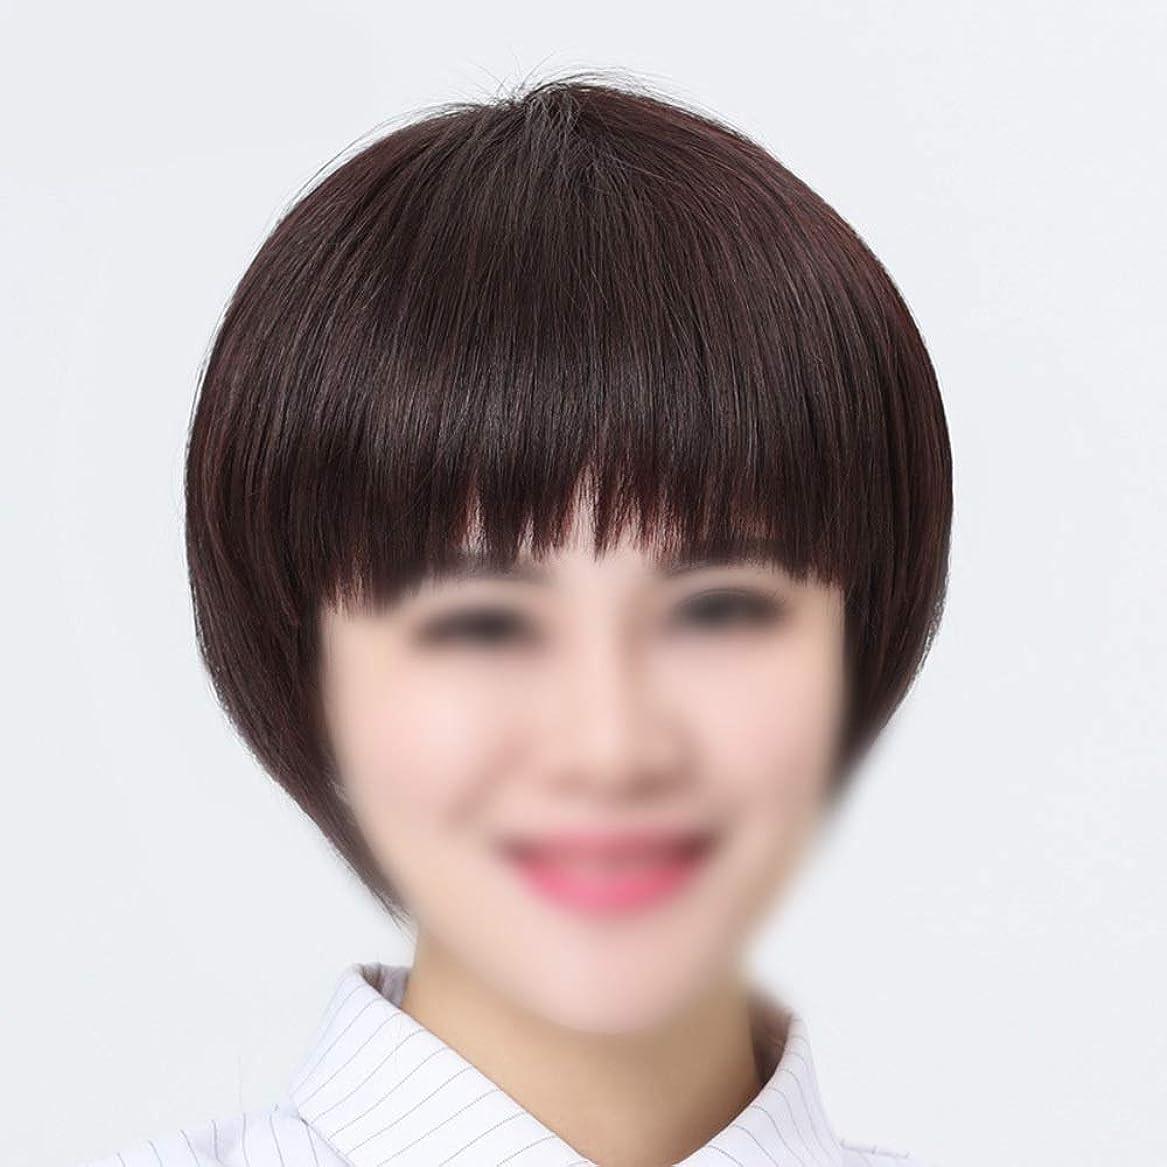 最も提供された我慢するBOBIDYEE 女性の短いストレートヘア中年のかつら本物の髪の女性の母親の髪かつらパーティーのかつら (Color : Natural black, サイズ : Mechanism)